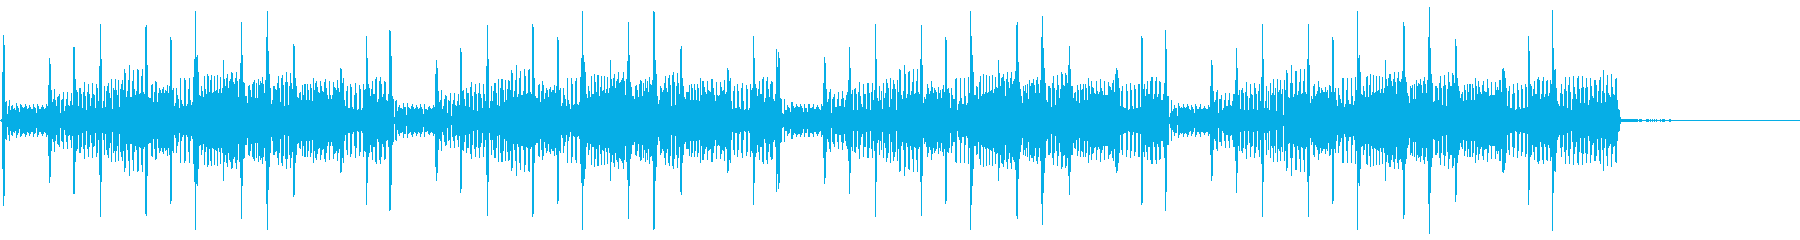 エレクトリックベース:スラップアク...の再生済みの波形